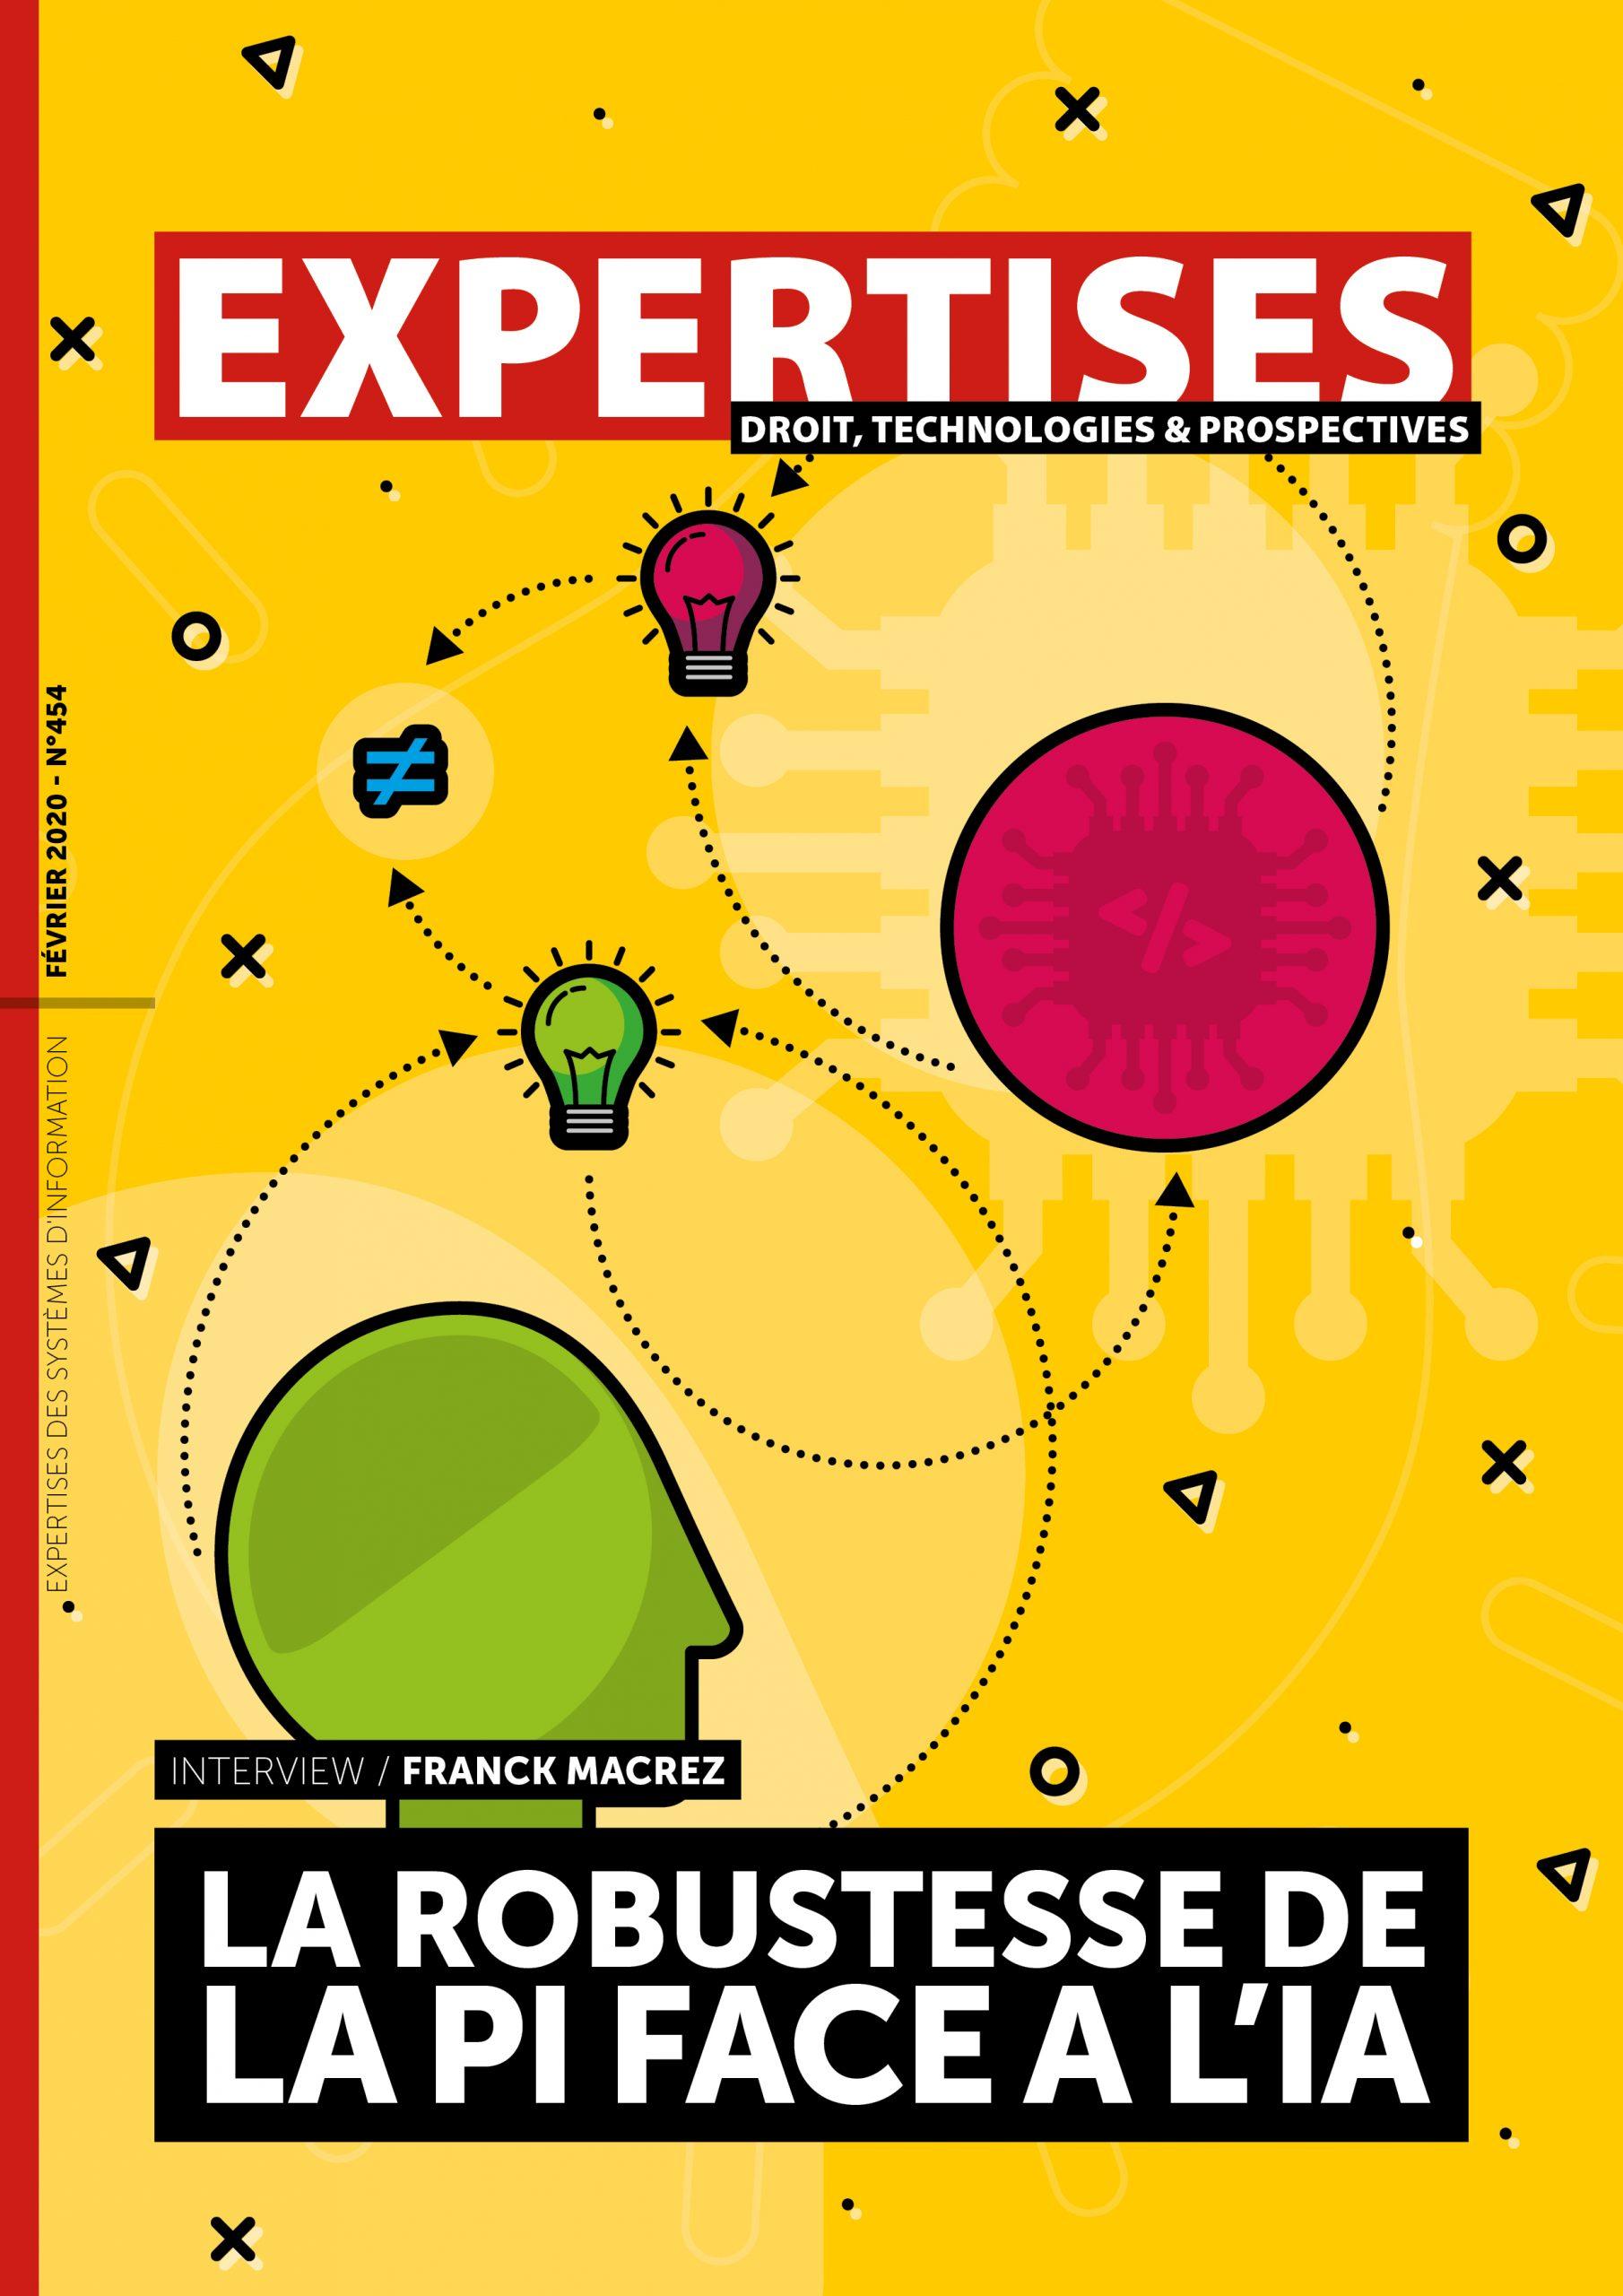 """EXPERTISES N°454 - février 2020 - La robustesse de<br>la PI face A l'IA / Franck Macrez"""" title=""""EXPERTISES N°454 – février 2020 – La robustesse de<br>la PI face A l'IA / Franck Macrez"""" description=""""EXPERTISES N°454 – février 2020-  La robustesse de<br>la PI face A l'IA / Franck Macrez""""></div> <div class="""